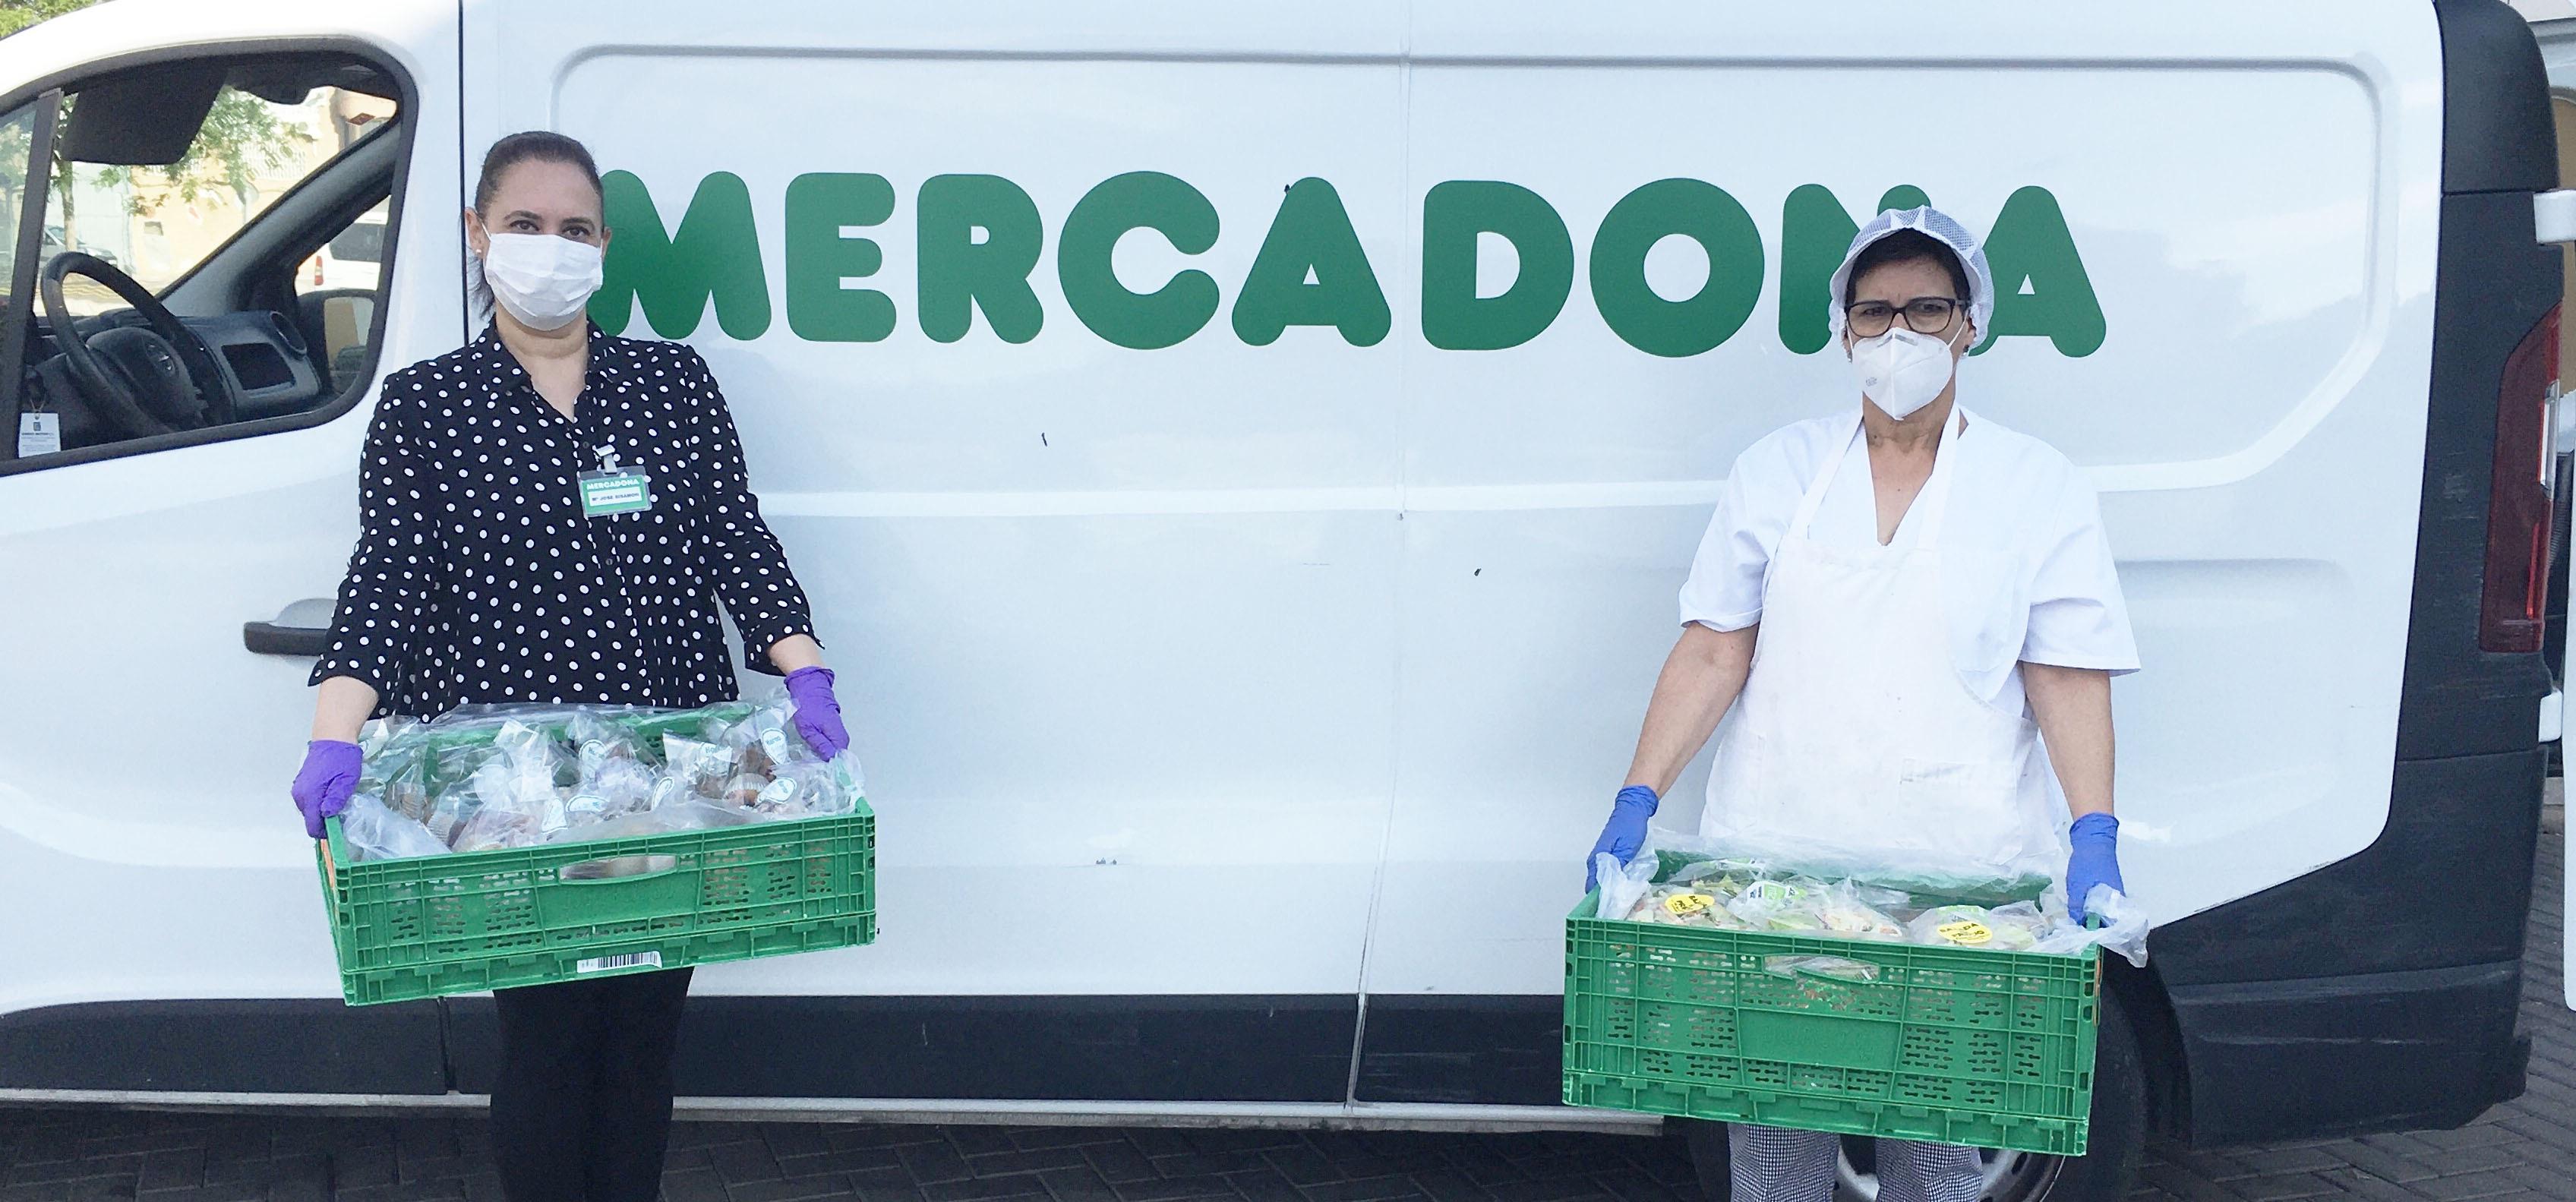 Mercadona ha donado más de 17.000 toneladas de productos en 2020 a comedores sociales, bancos de alimentos y otras entidades benéficas de España y Portugal.